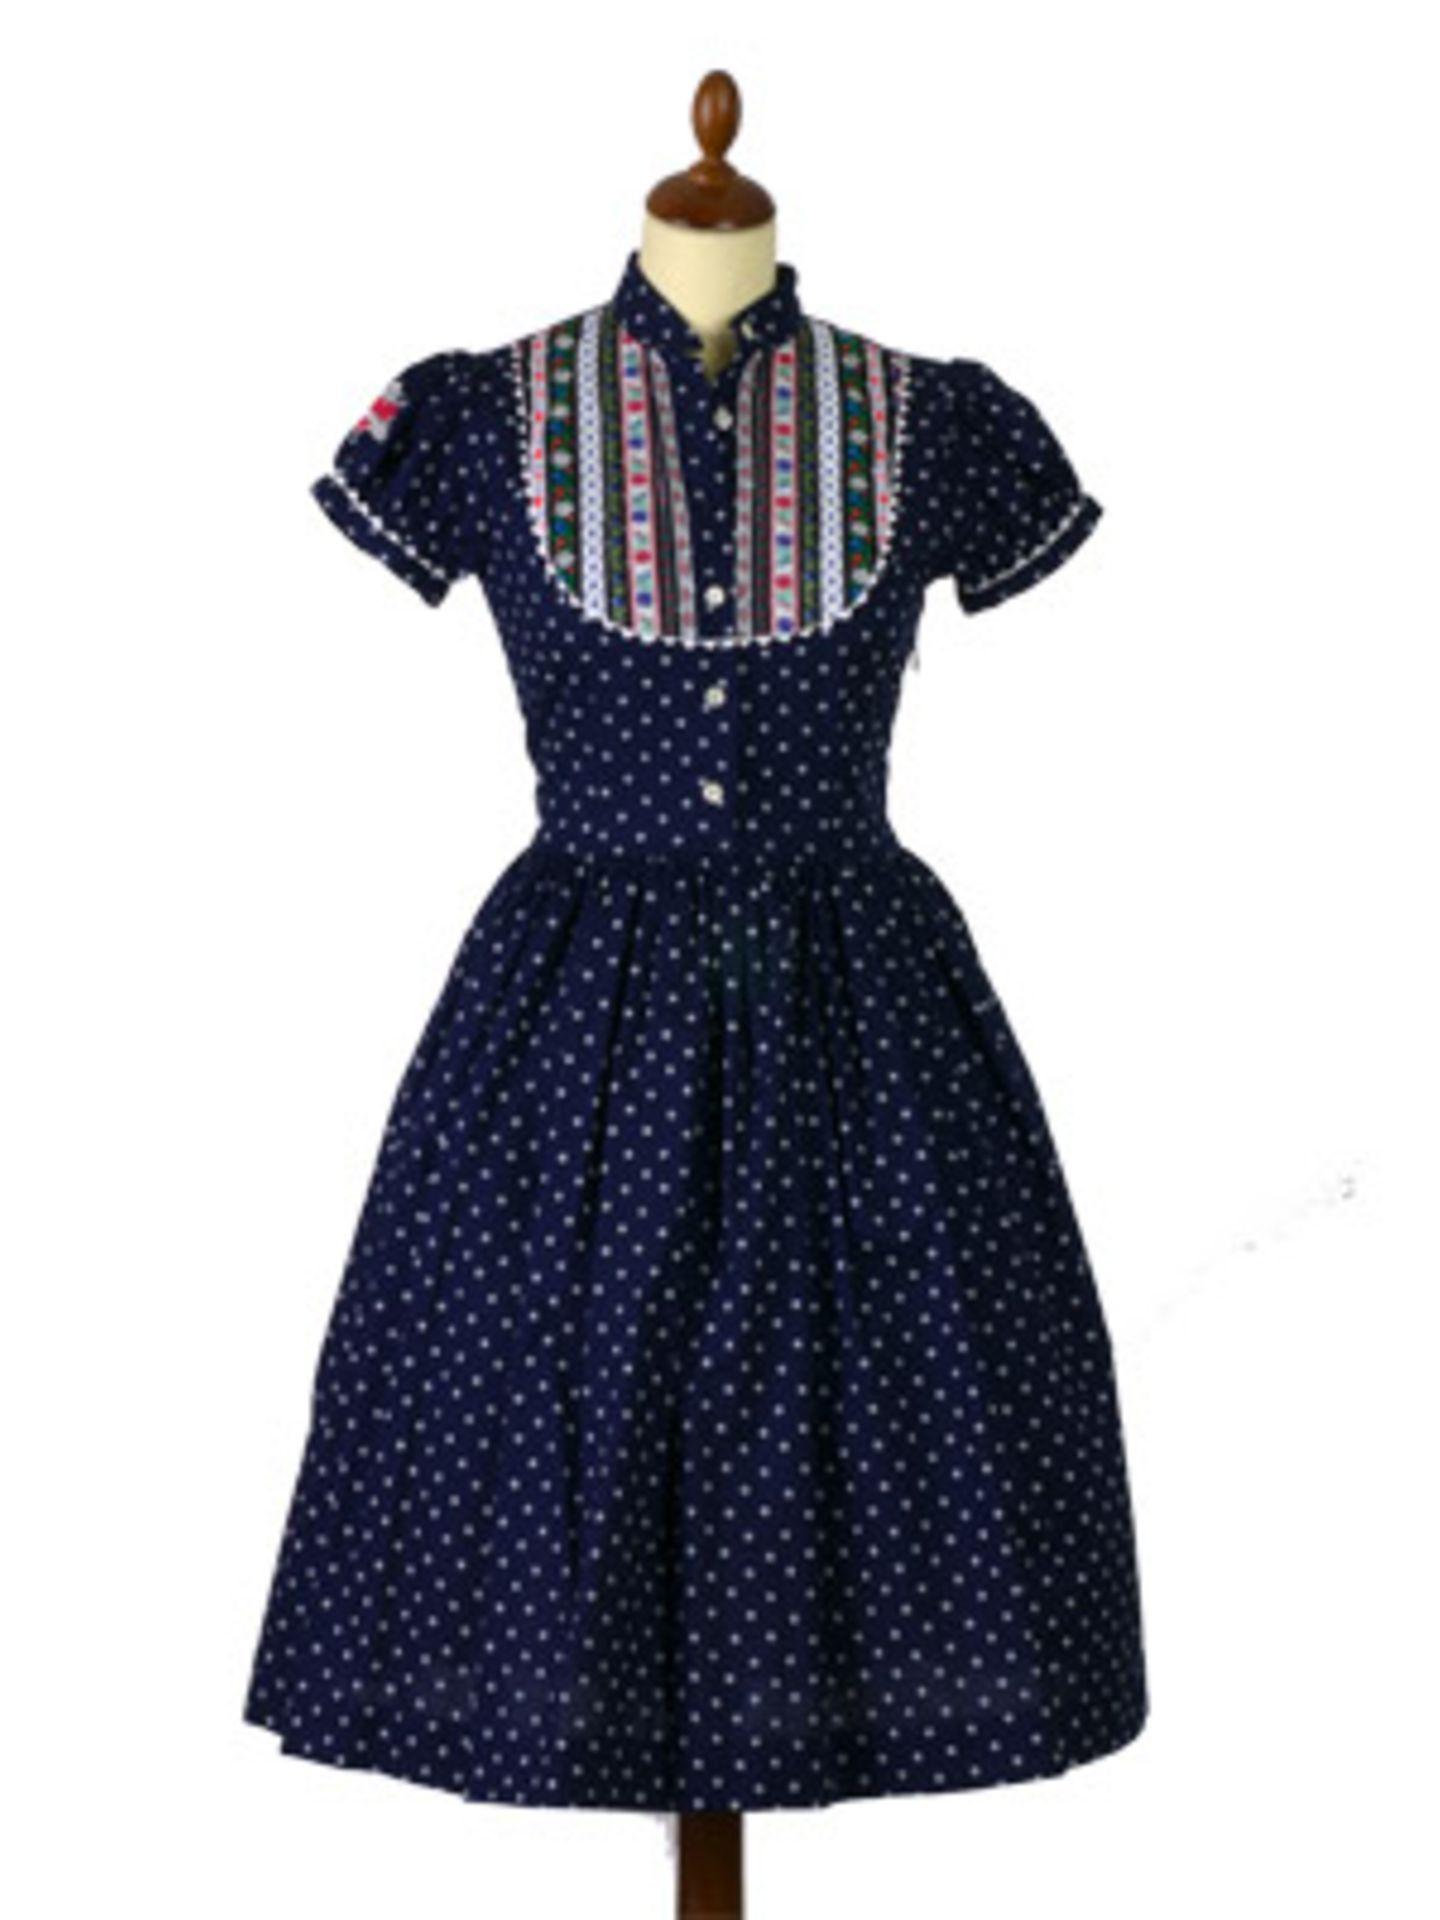 Schlichtes Dirndl-Kleid in dunklem Blau von Lena Hoschek. Um 350 Euro.